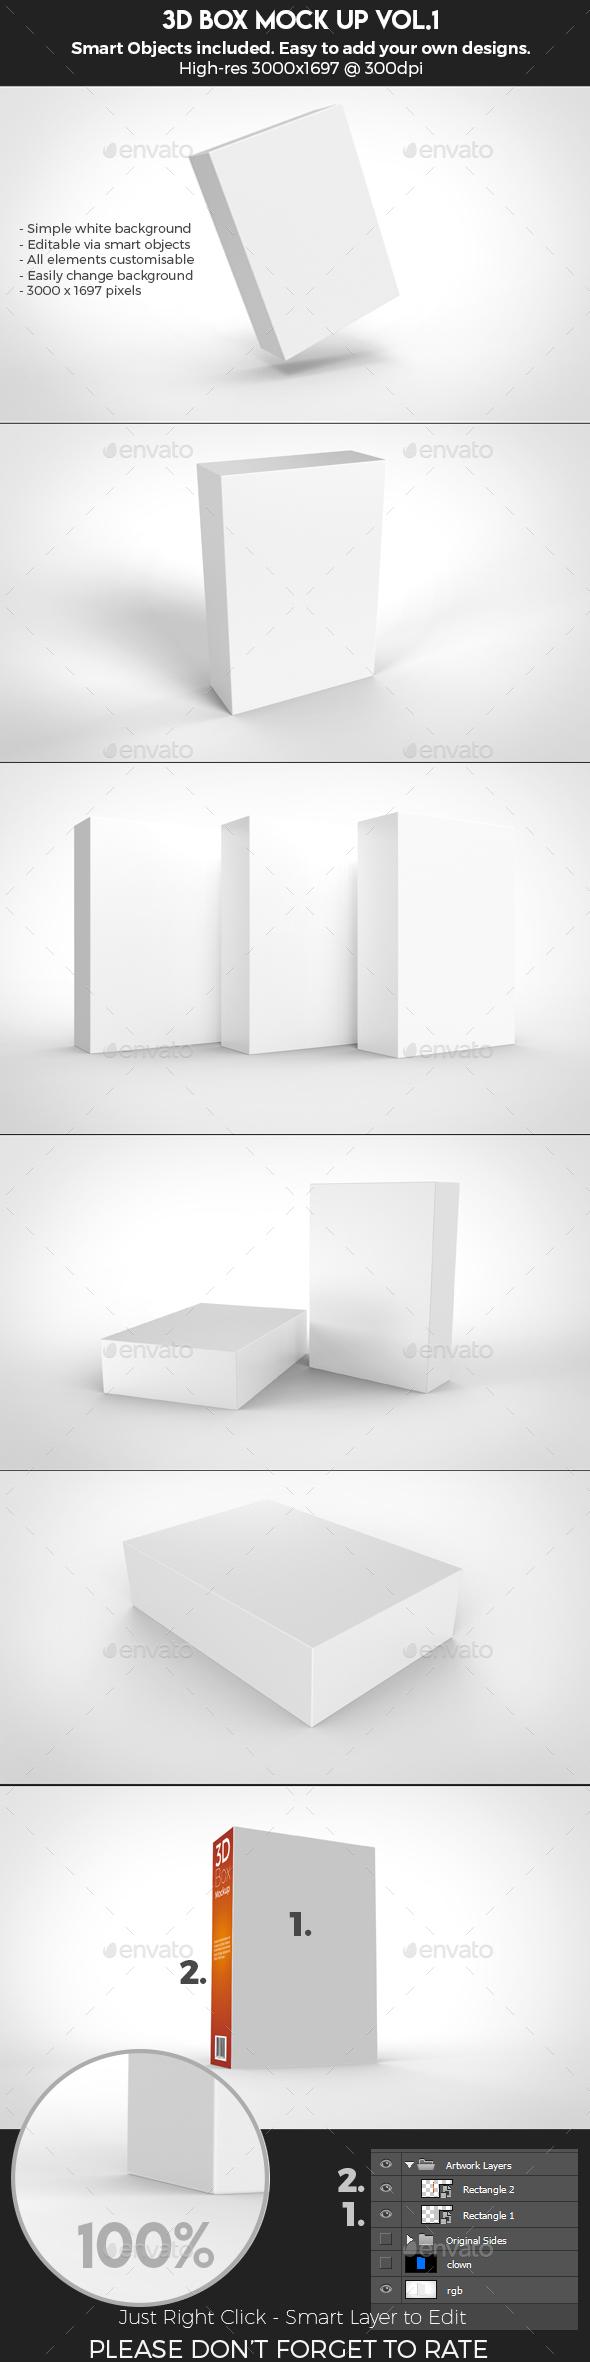 3D Box Mock Up